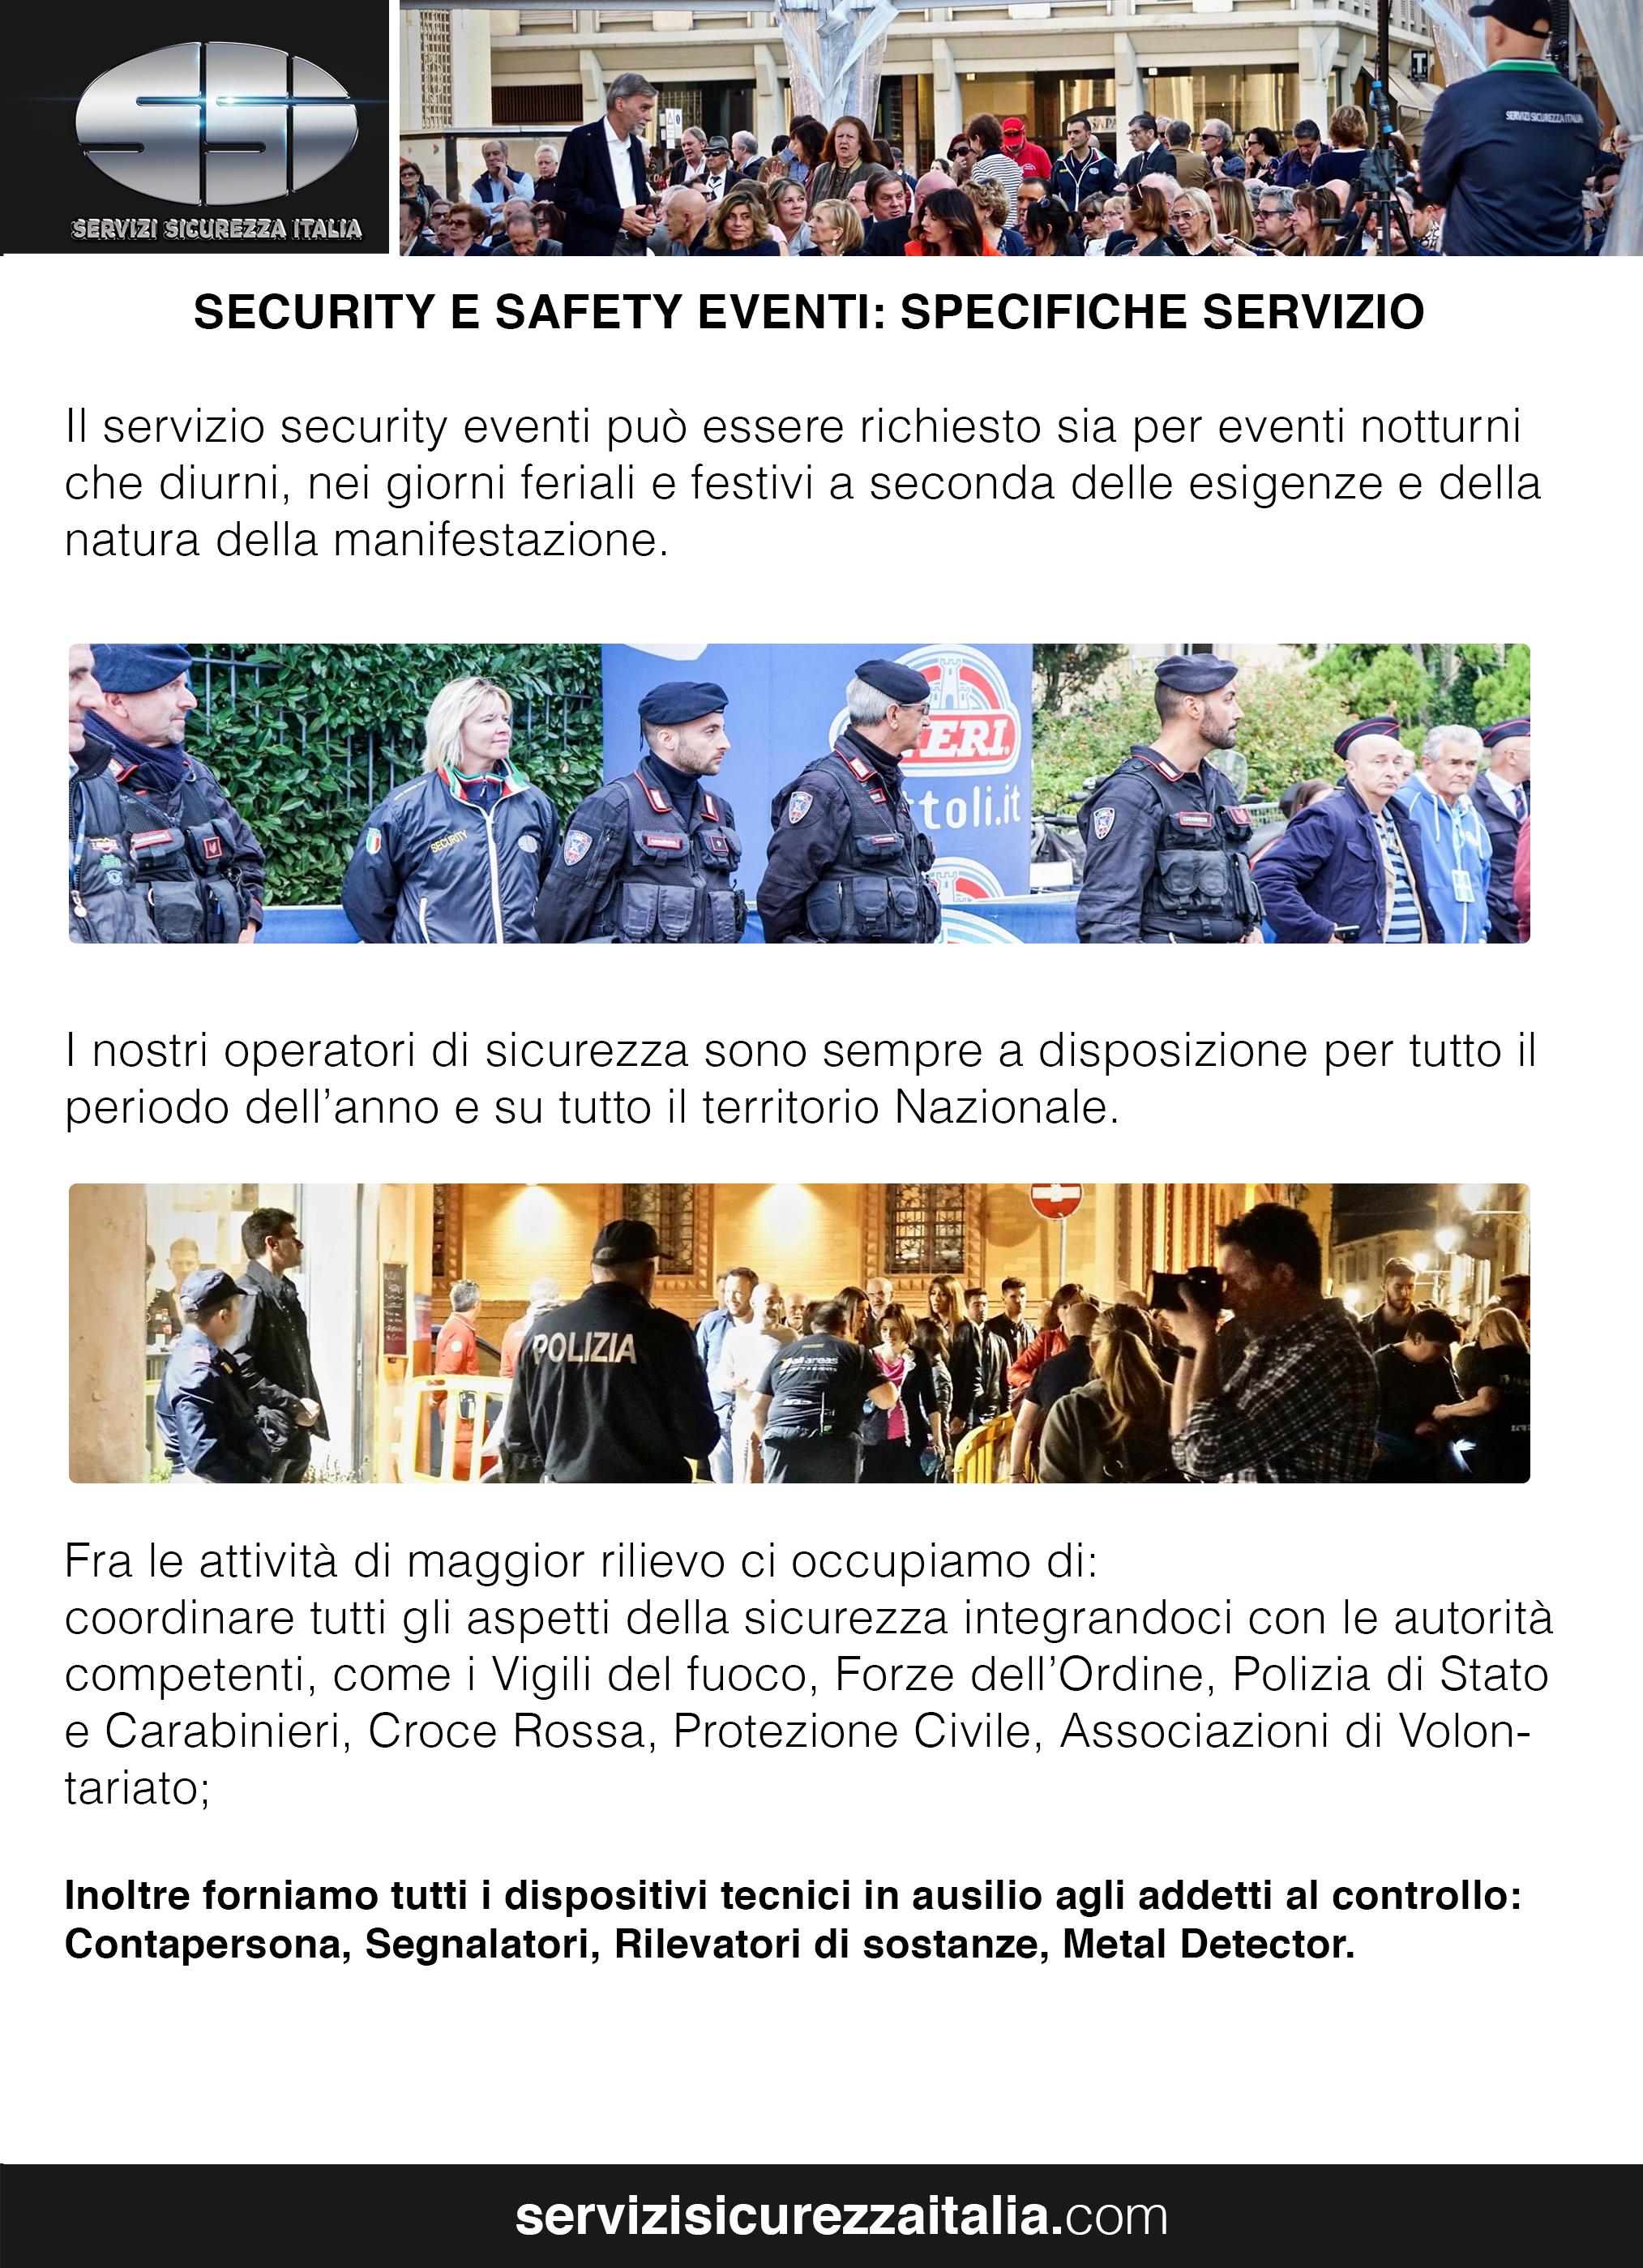 Servizi Sicurezza Italia Poviglio servizi sicurezza italia news sempre aggiornati nelle nuove